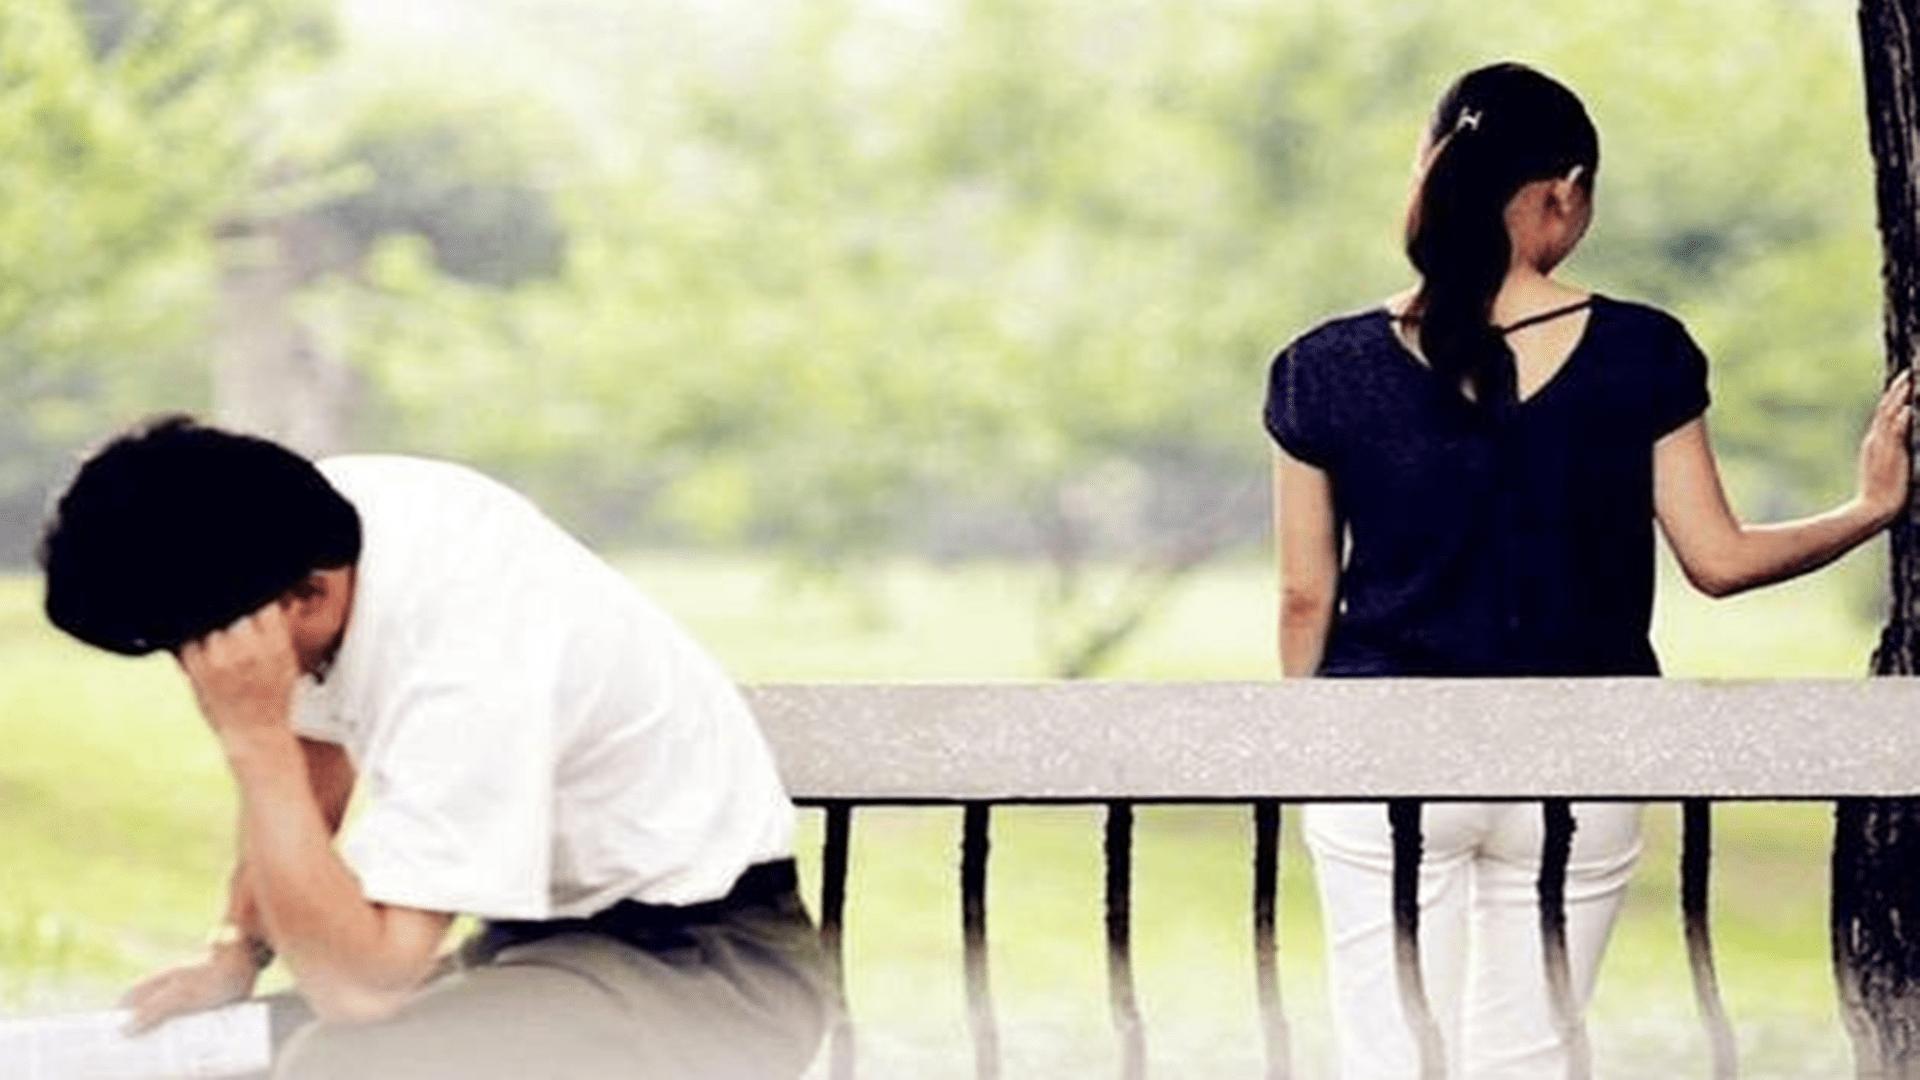 大S铁定心离婚,汪小菲不知情?婚姻中的女人懂得保养才有底气